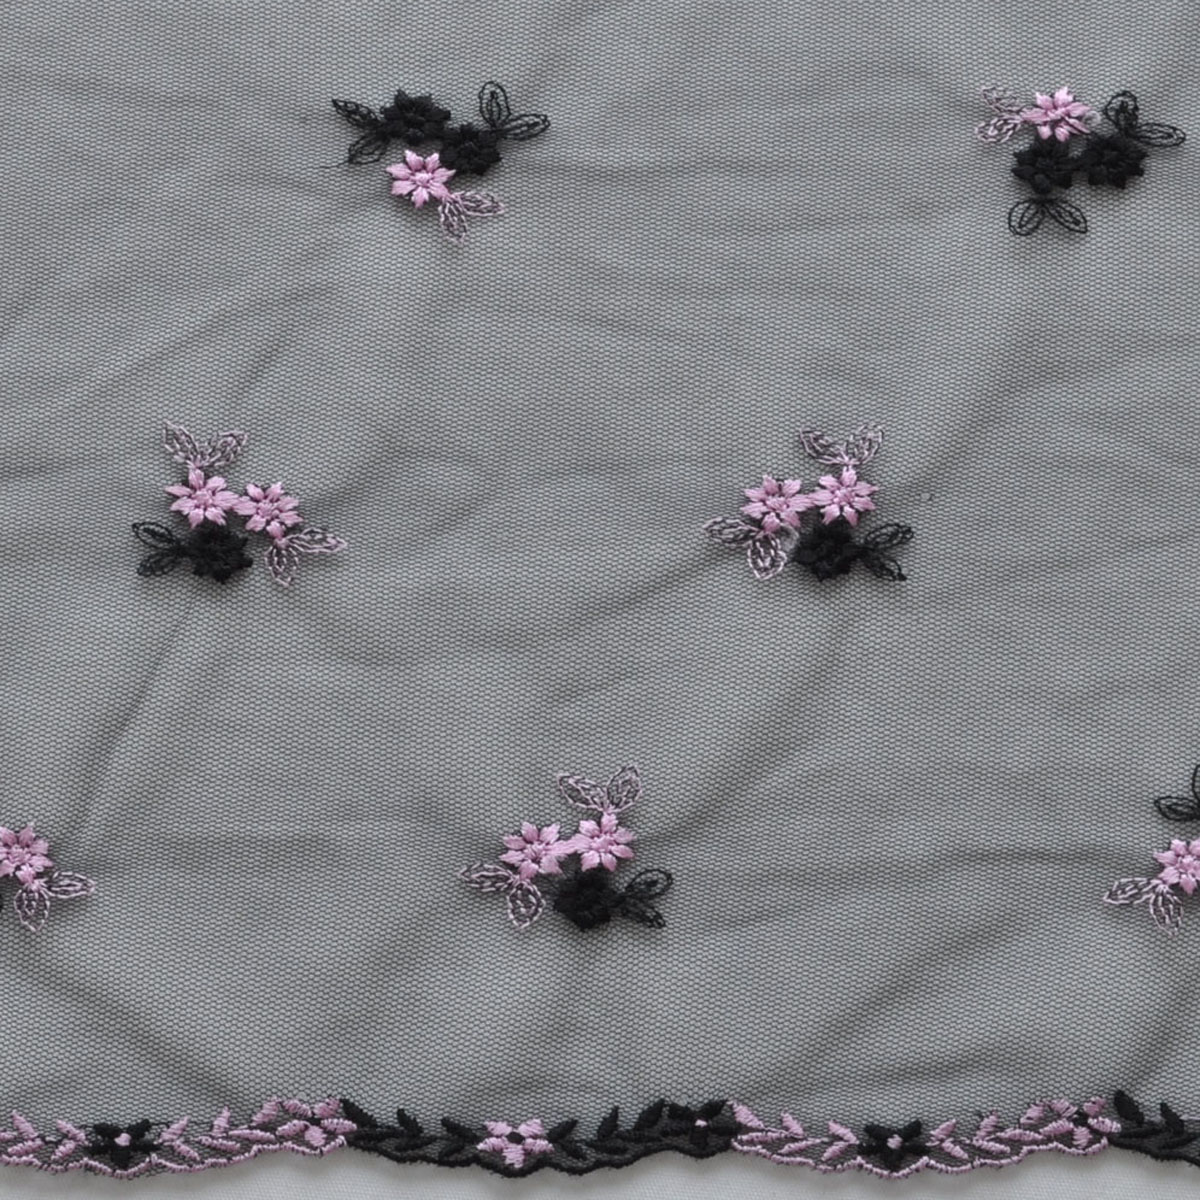 Хлопчатобумажная ткань Европейский стиль черная сетка ткань с вышивкой/этап/Одежда ткани/рука DIY Европейский и американский стиль 1-й розовой полуметра /, 2,1 м / 2 розовый Ткань для одежды